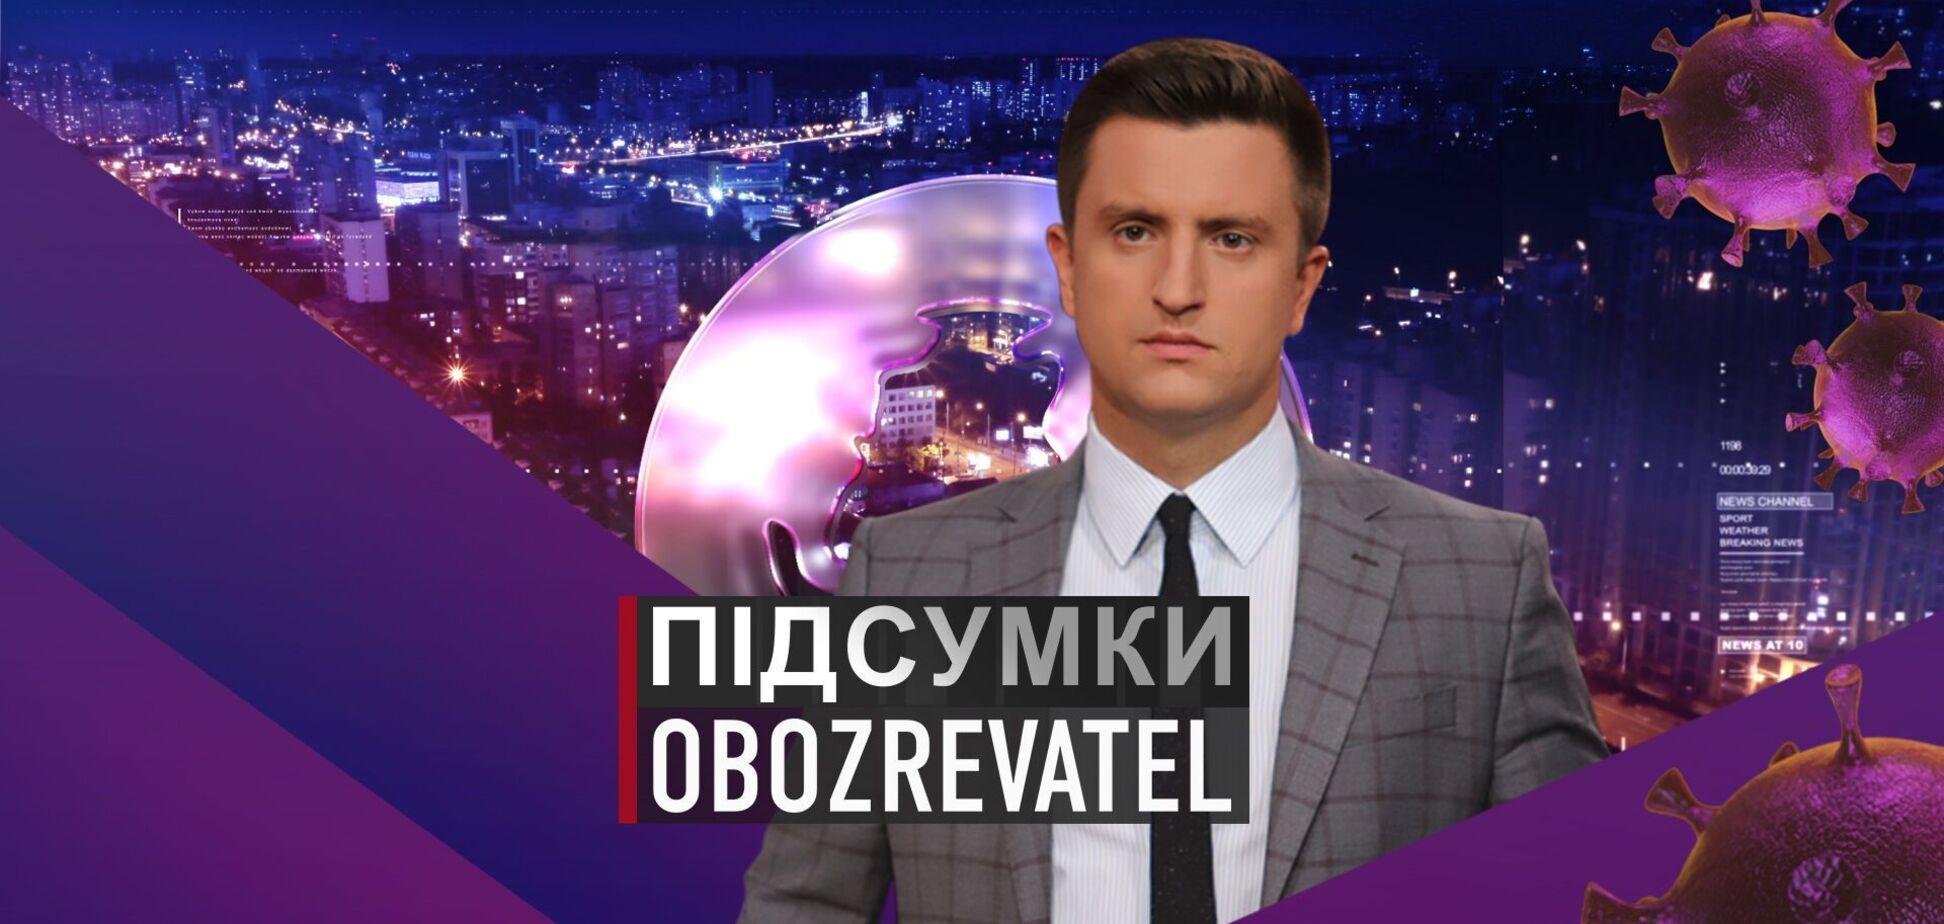 Підсумки с Вадимом Колодийчуком. Вторник, 26 октября